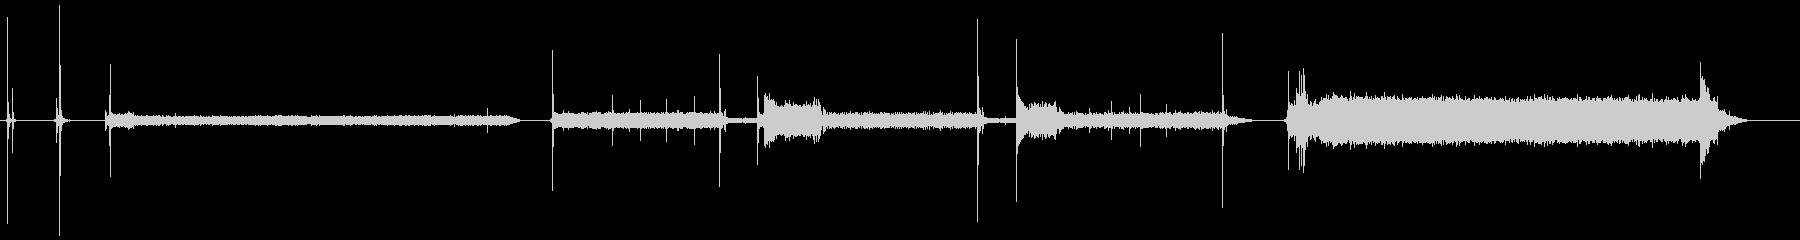 コインランドリー、オープンウォッシ...の未再生の波形